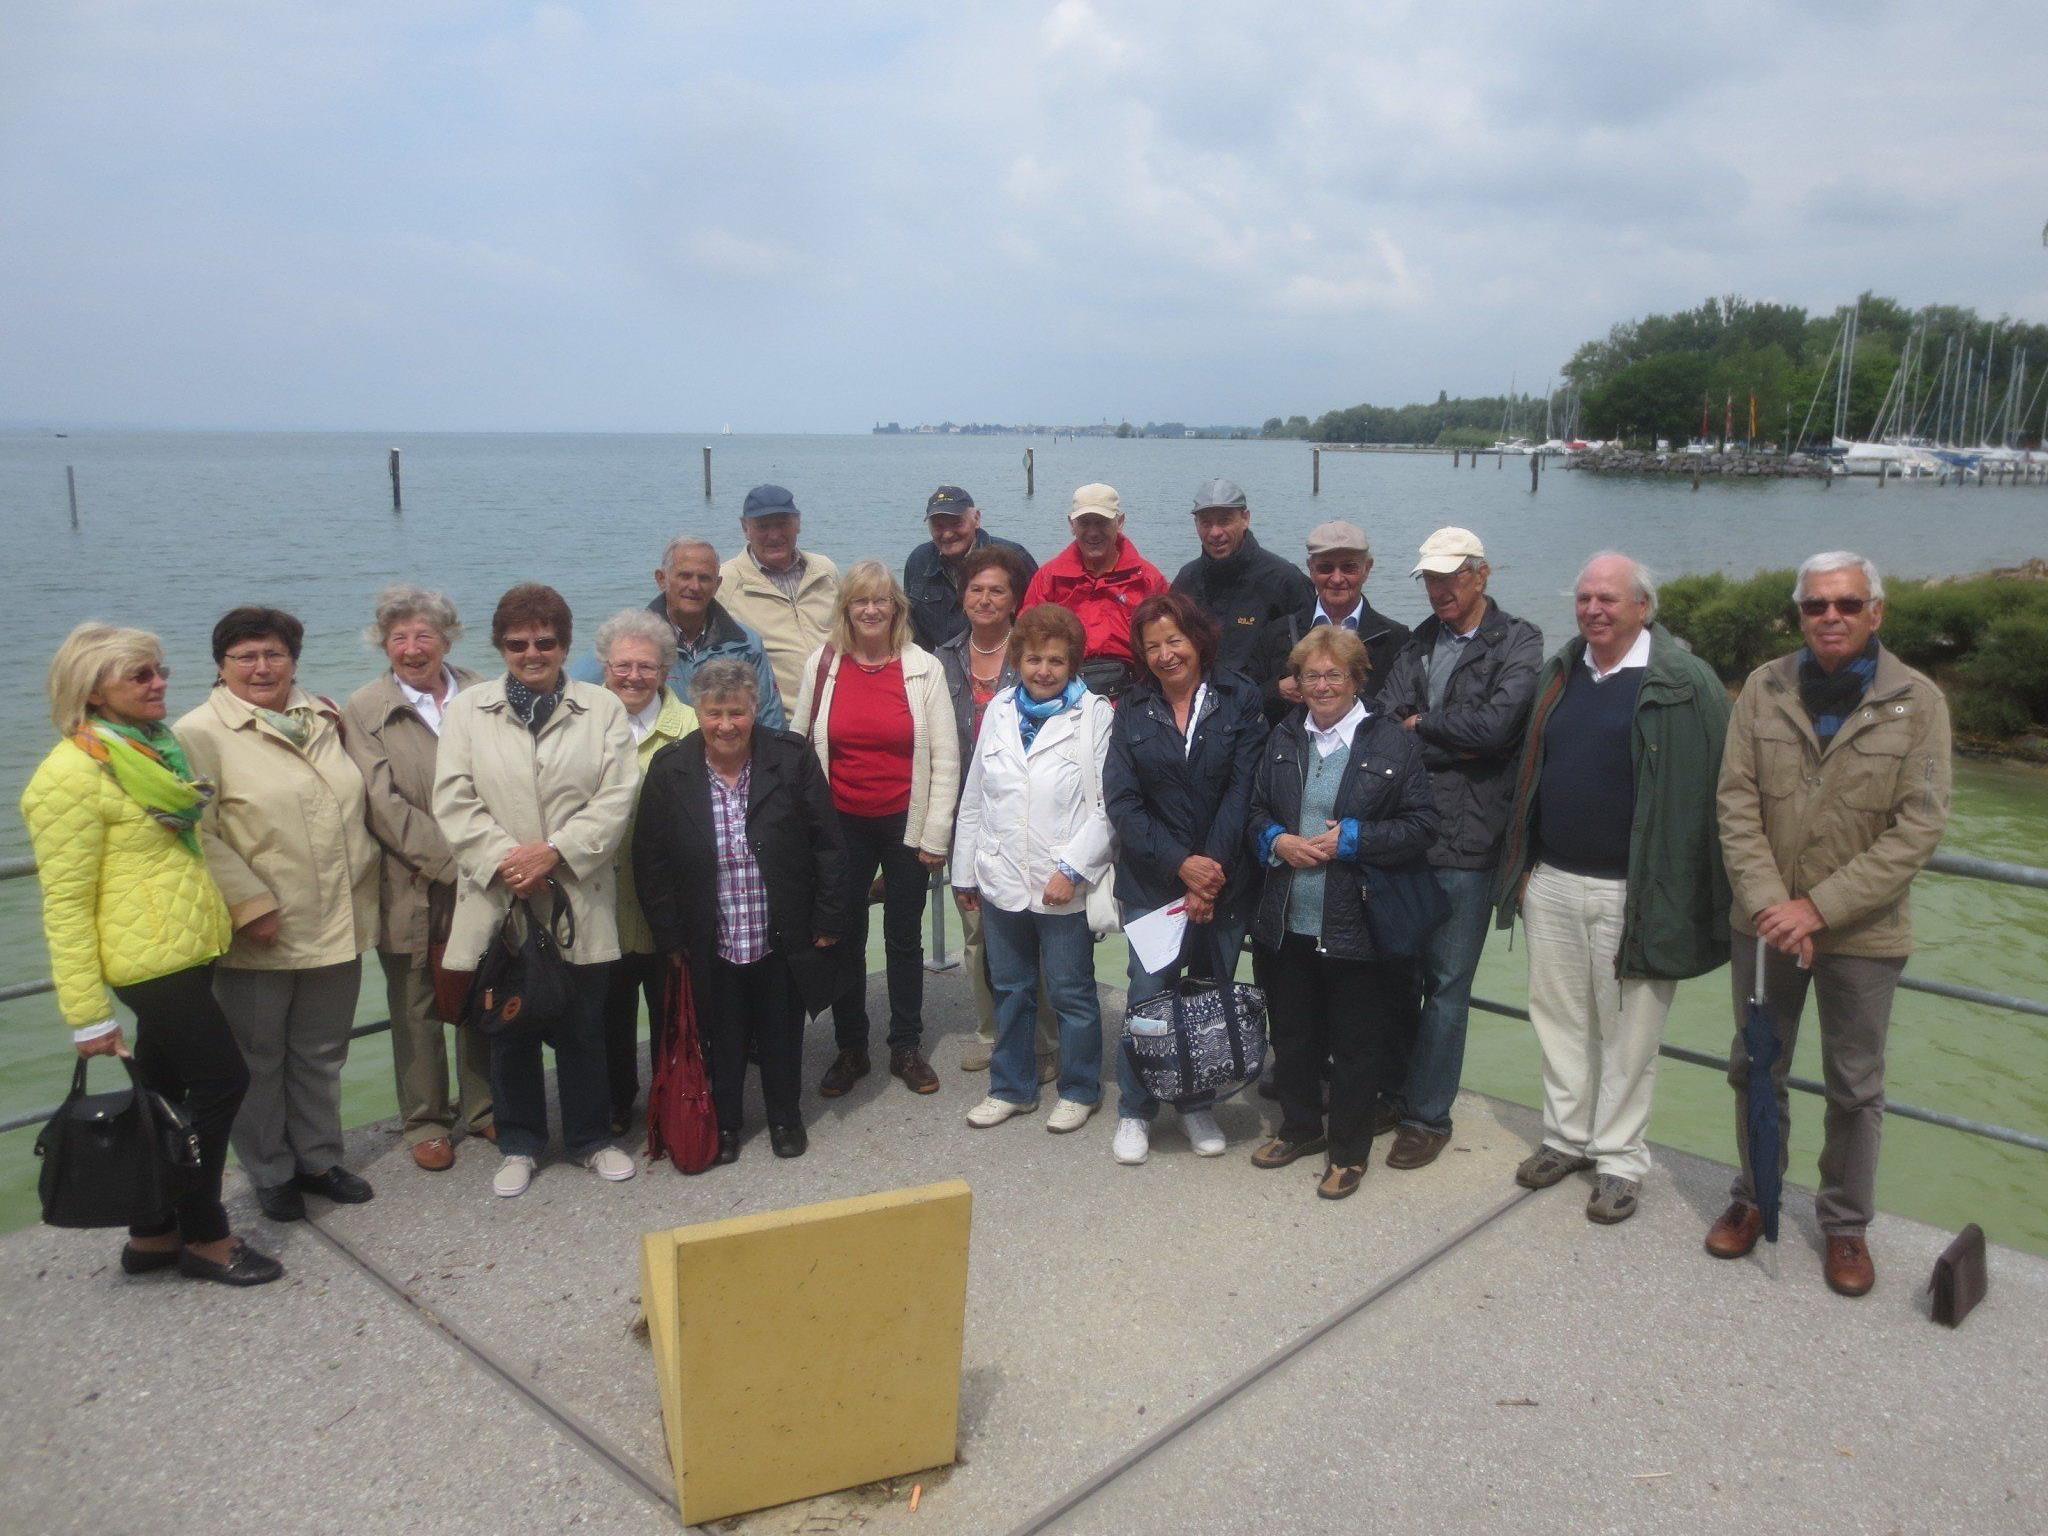 Der Lochauer Seniorenbund lud zu einem Schiffsausflug nach Friedrichshafen.